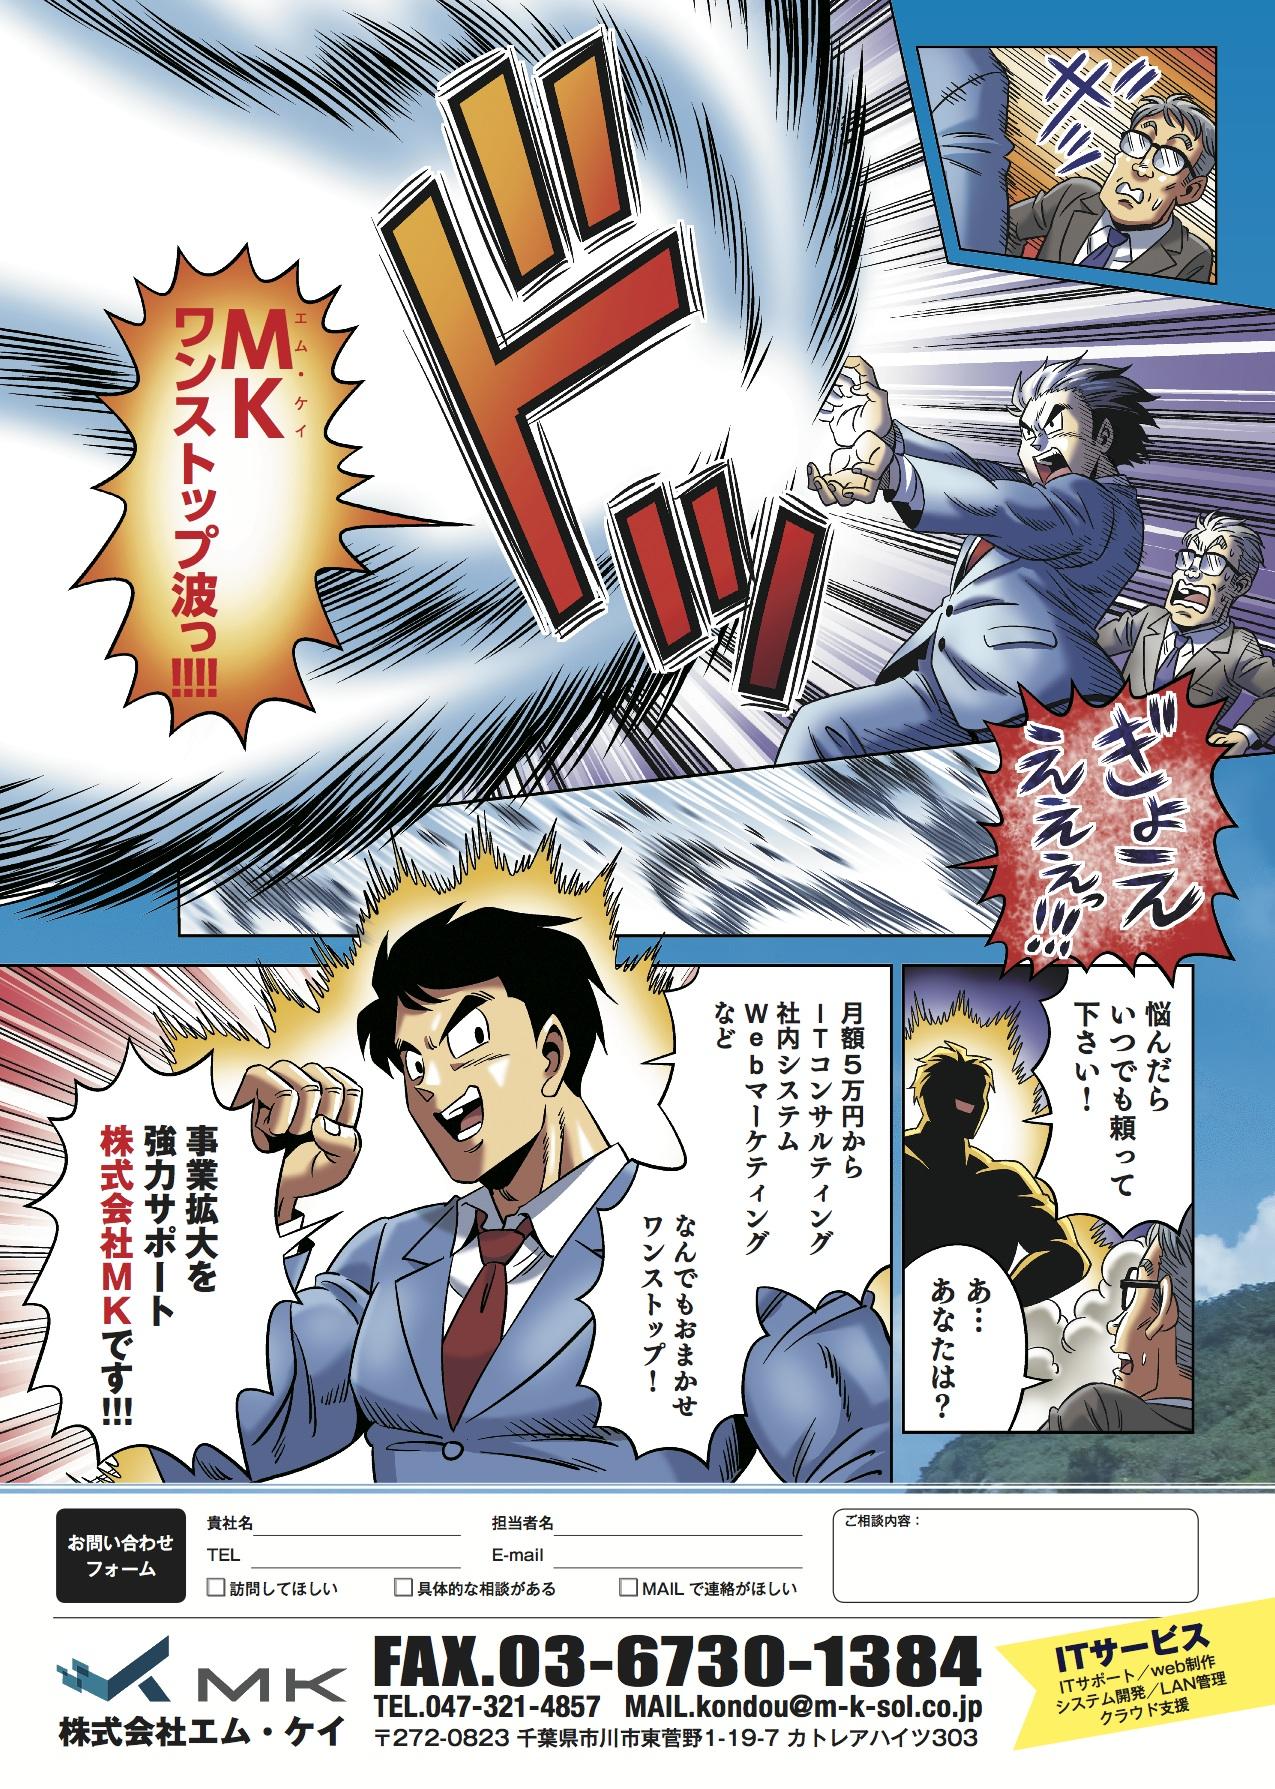 漫画チラシ事例 株式会社エム・ケイさま